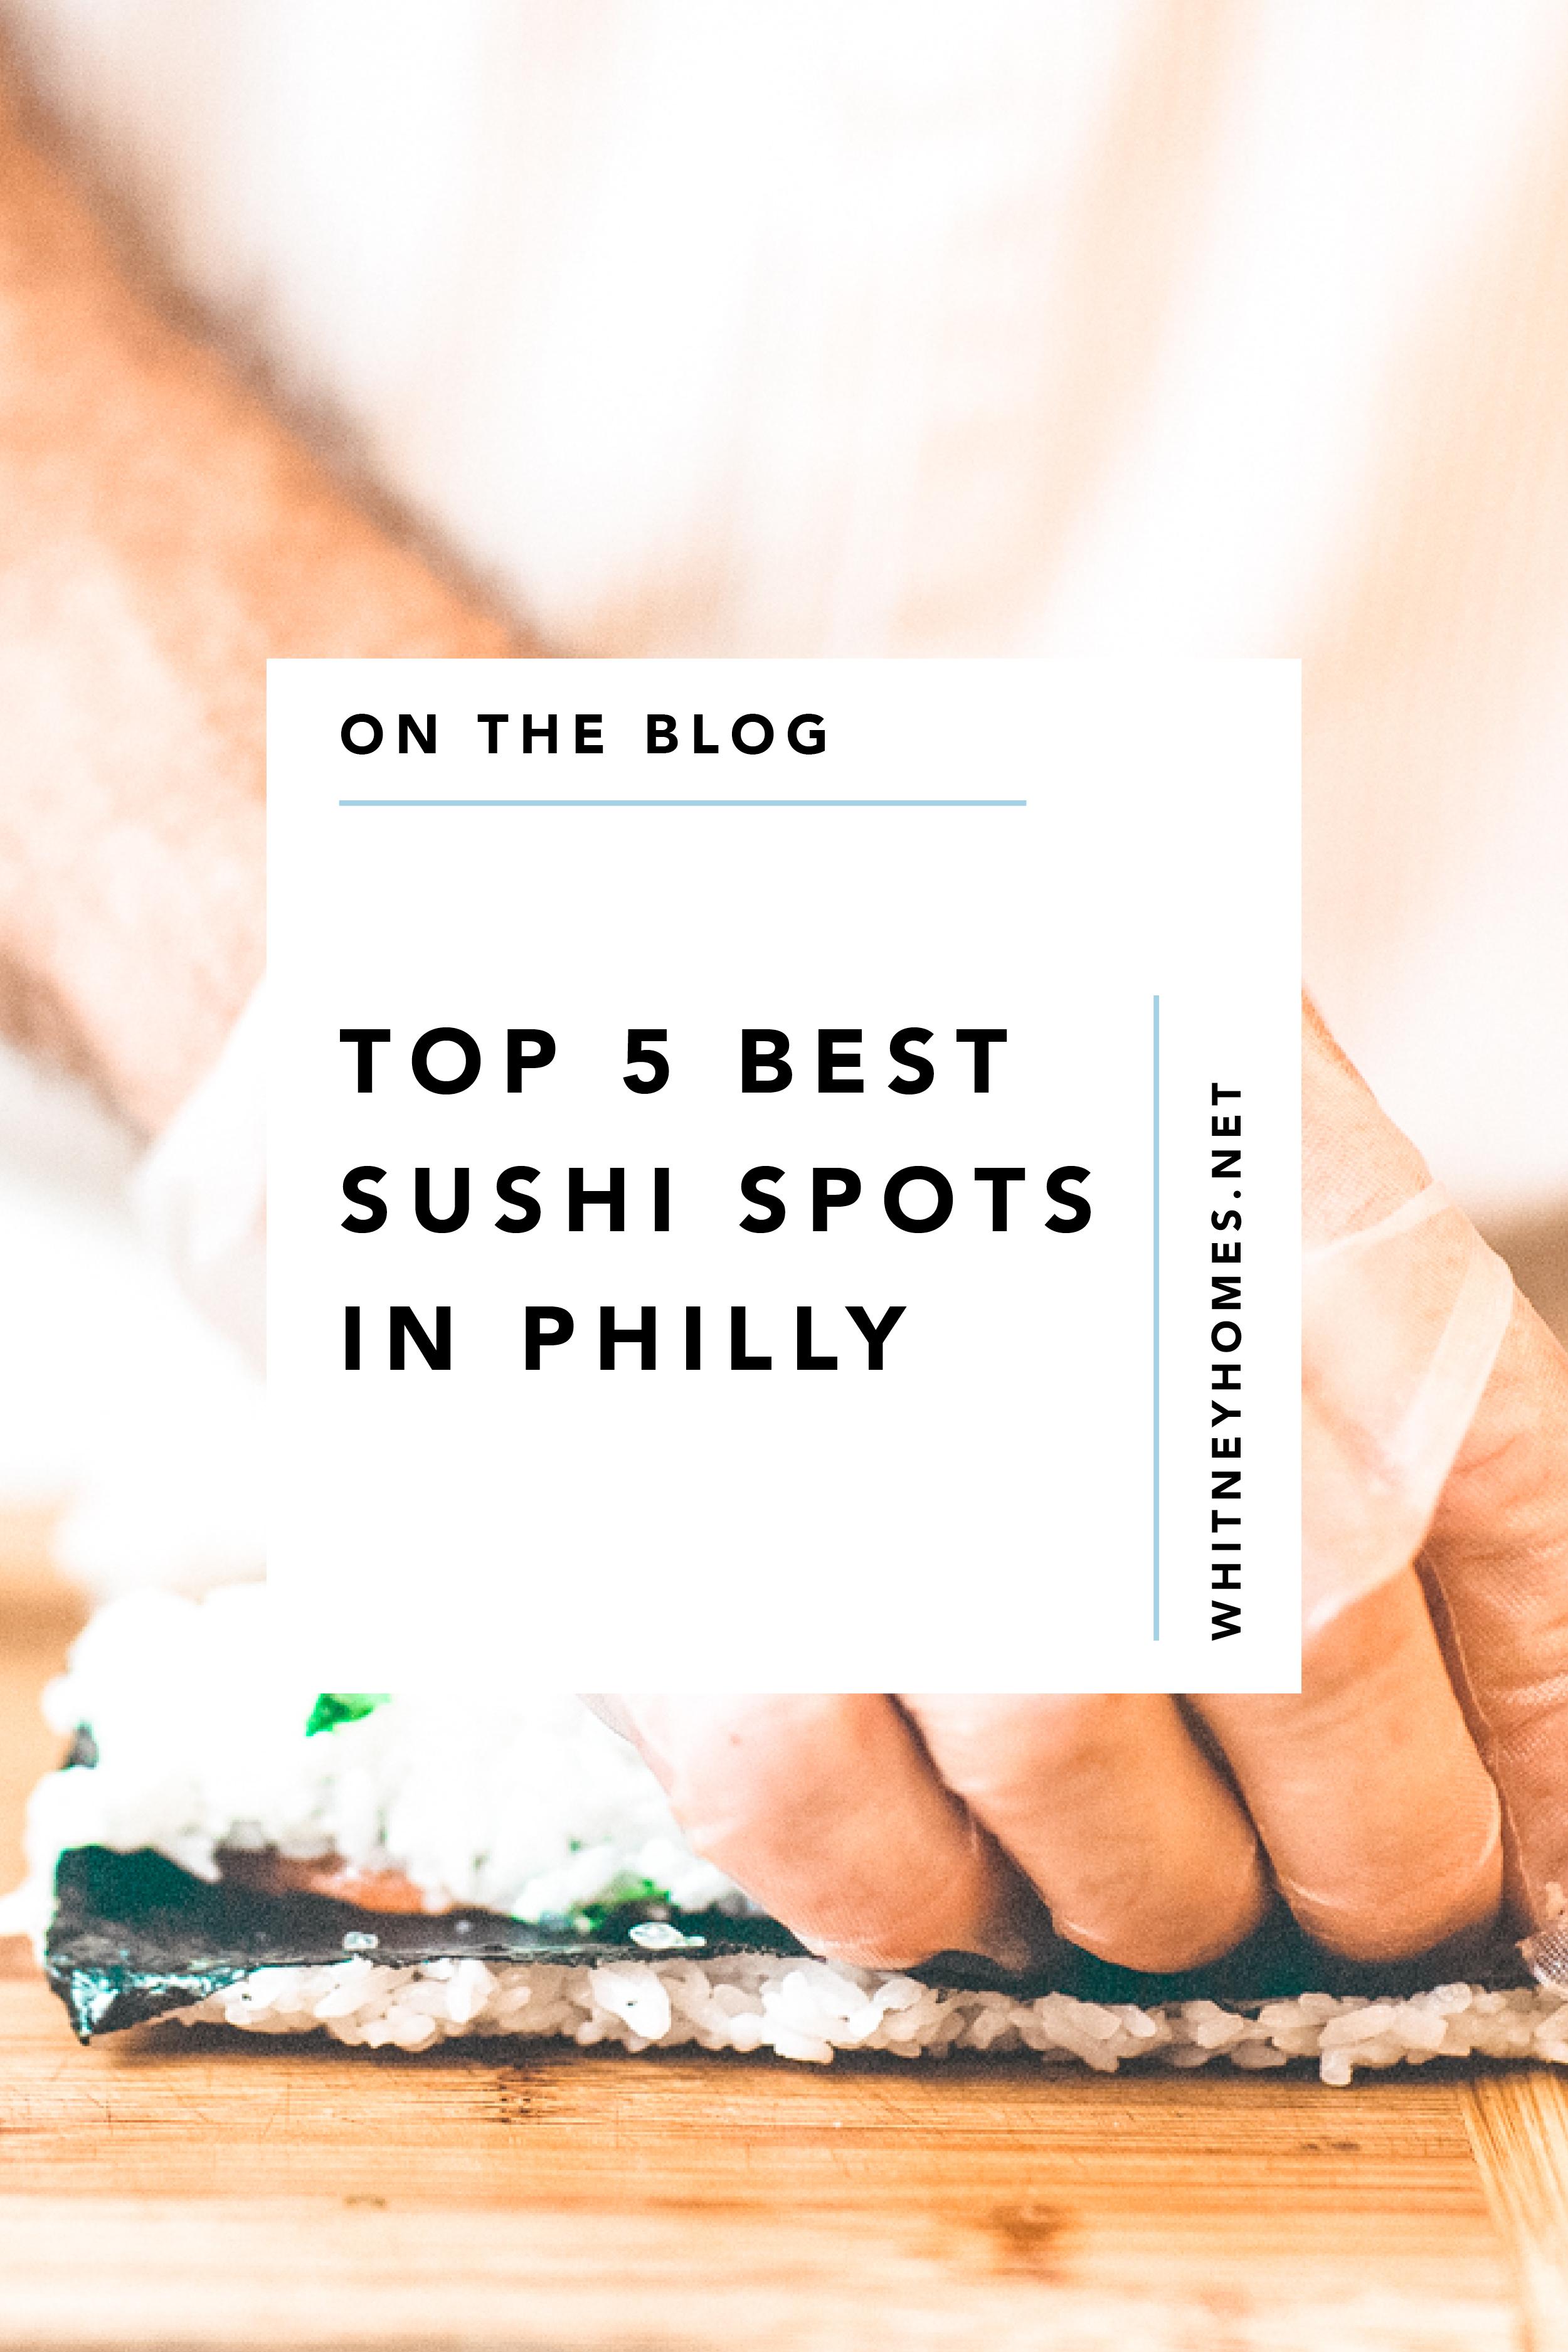 WH_Blog_Best-Sushi11.jpg